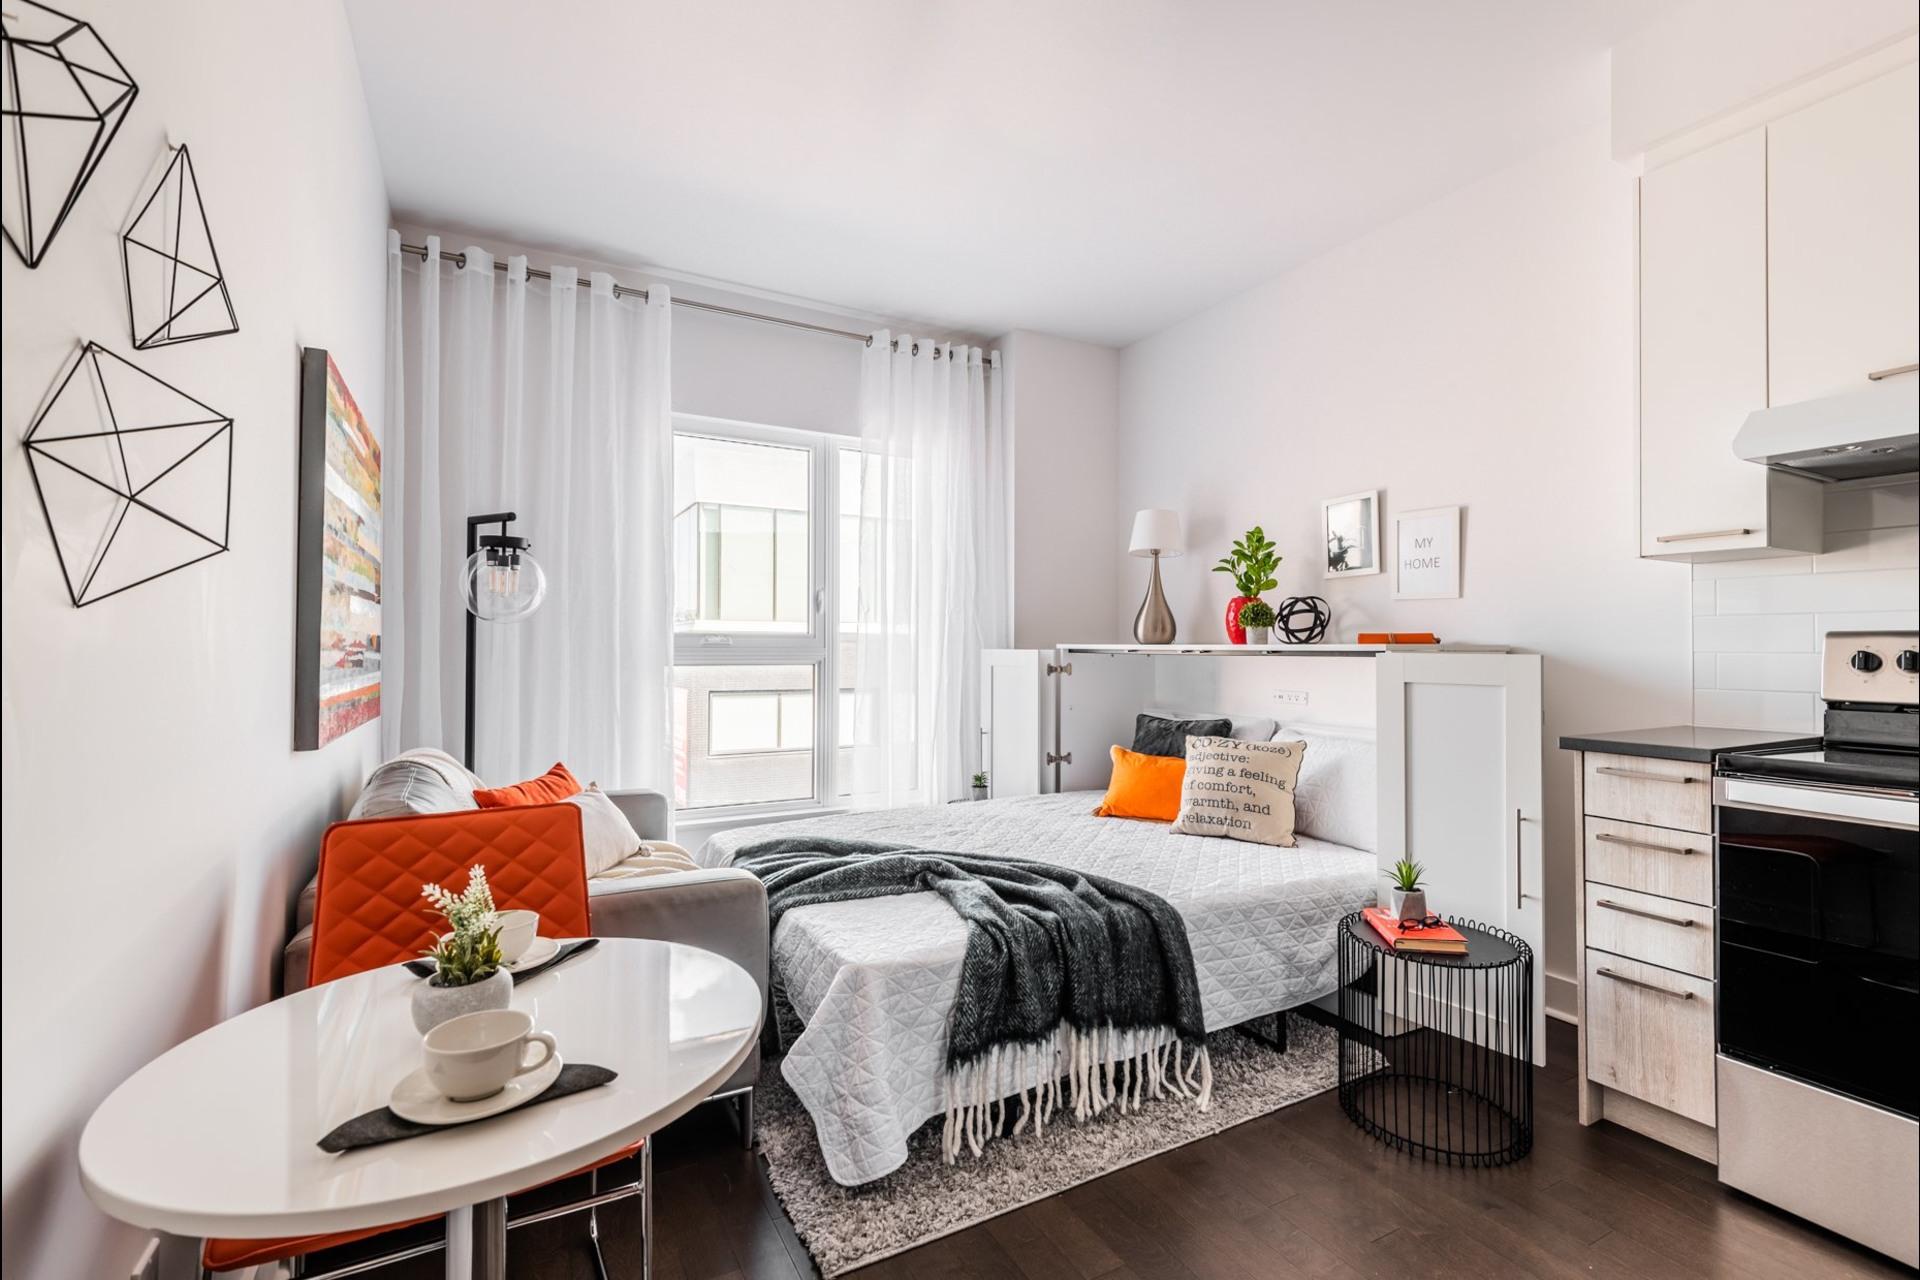 image 10 - Apartment For sale Villeray/Saint-Michel/Parc-Extension Montréal  - 3 rooms